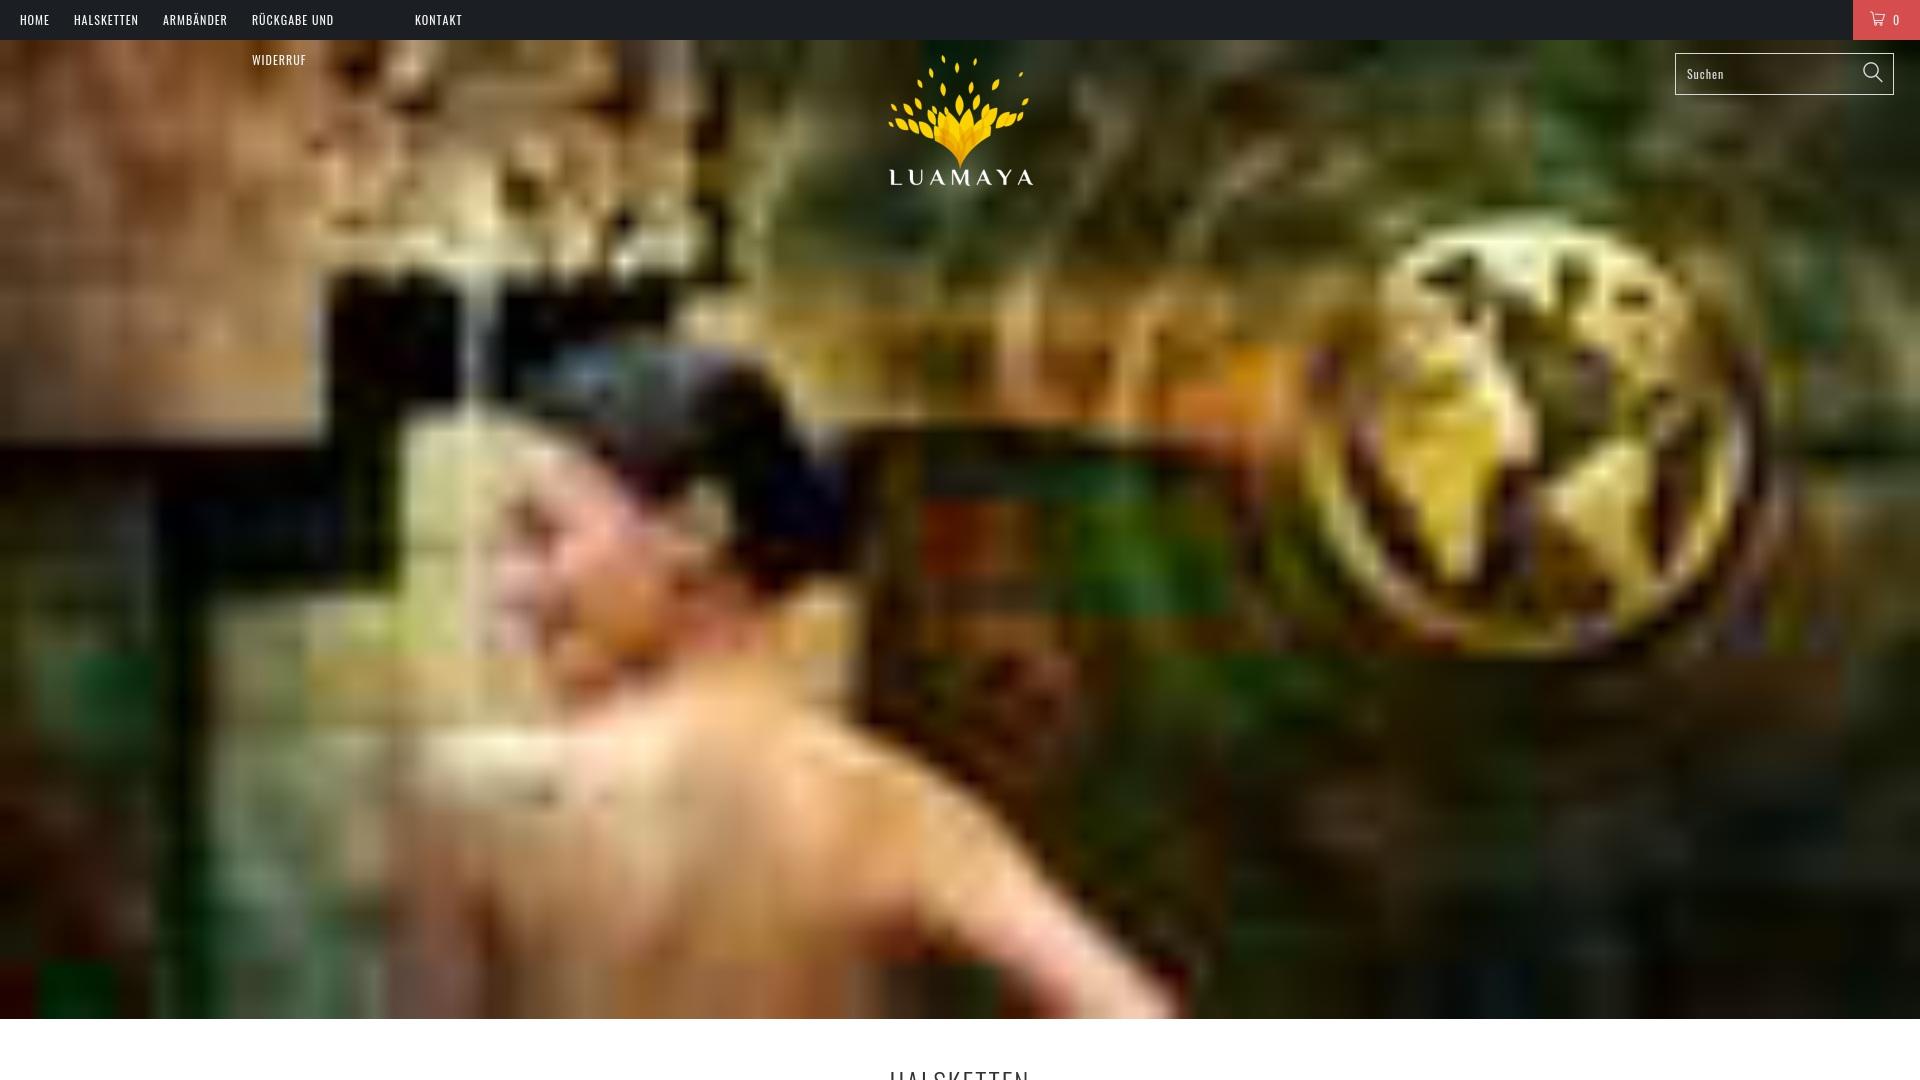 Gutschein für Luamaya: Rabatte für  Luamaya sichern